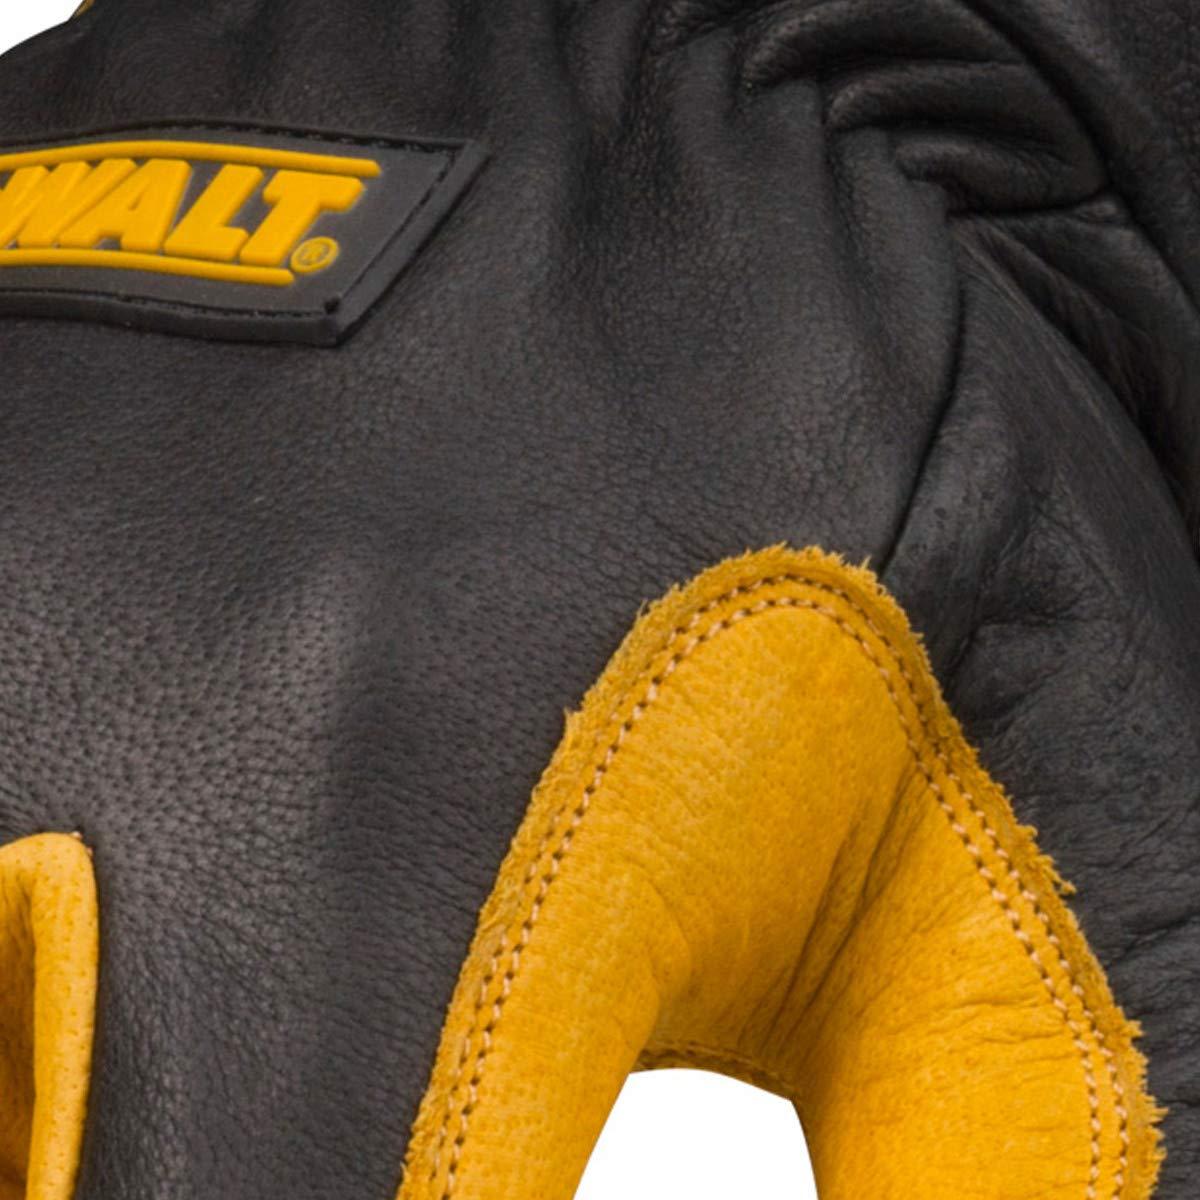 DEWALT DXMF04051MD Premium Leather Welding Gloves, Medium by DEWALT (Image #5)